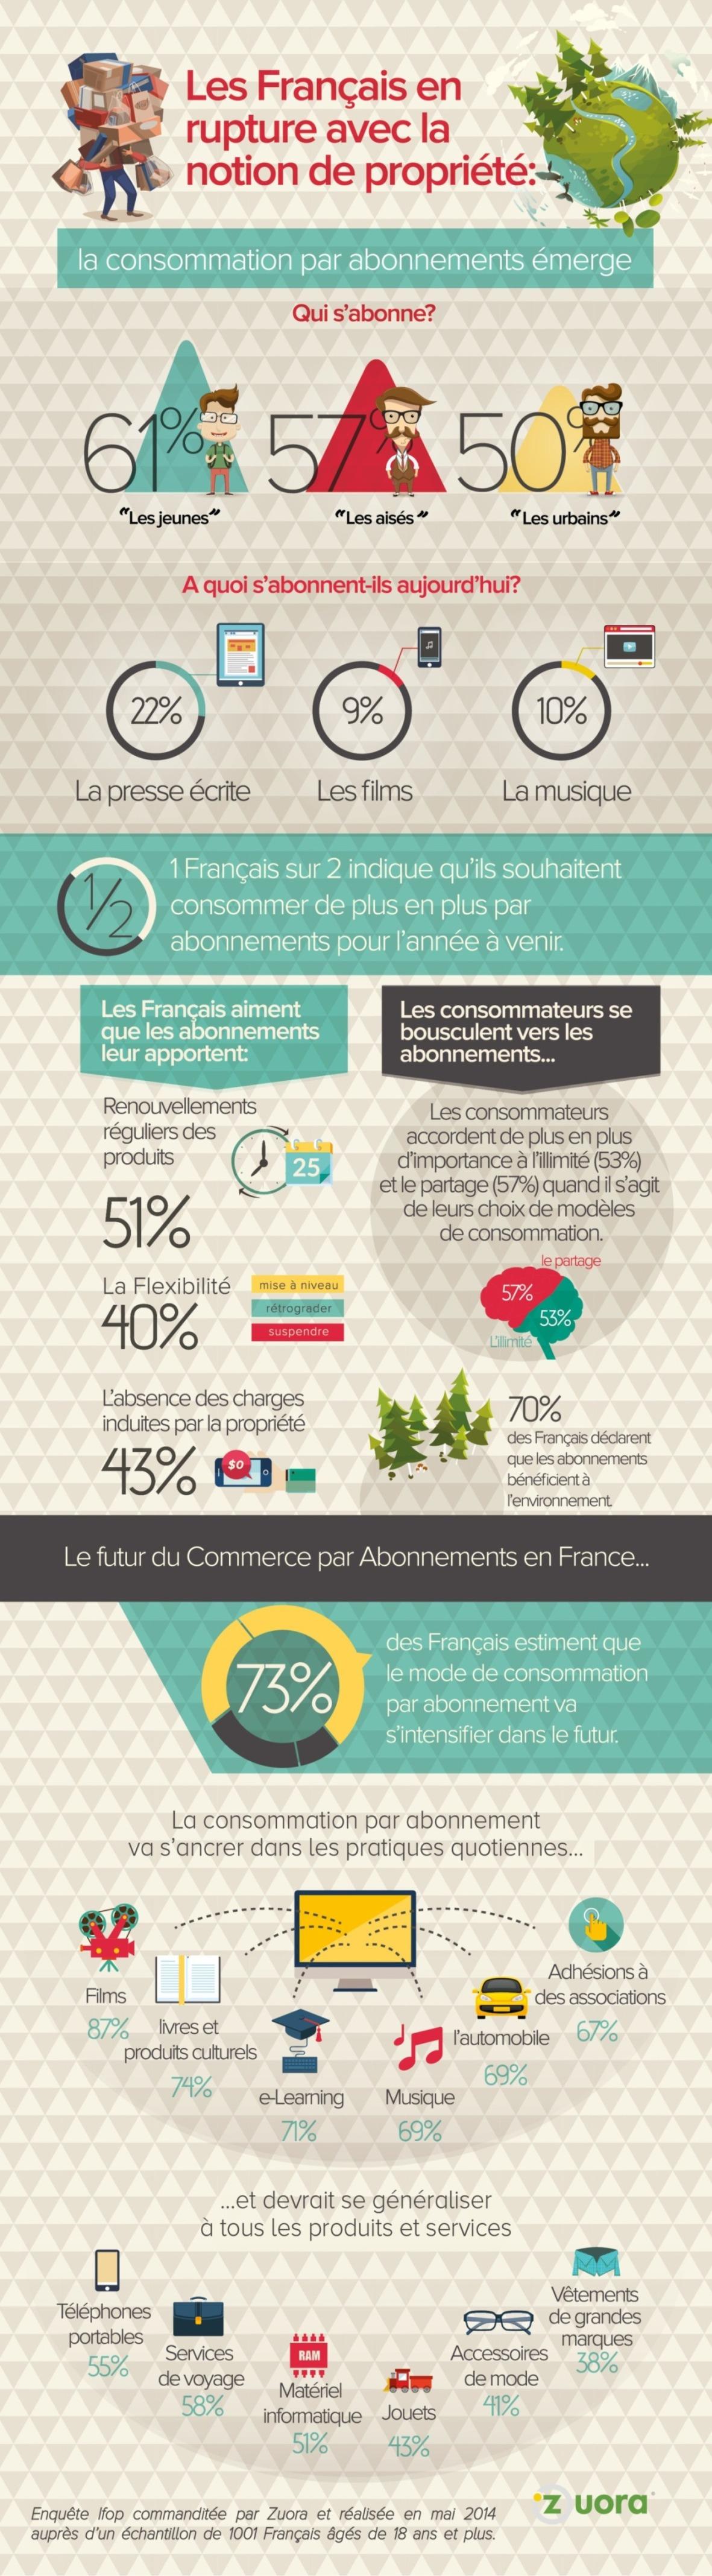 Infographie sur la consommation par abonnements (Crédits Zuora-Ifop, tous droits réservés)